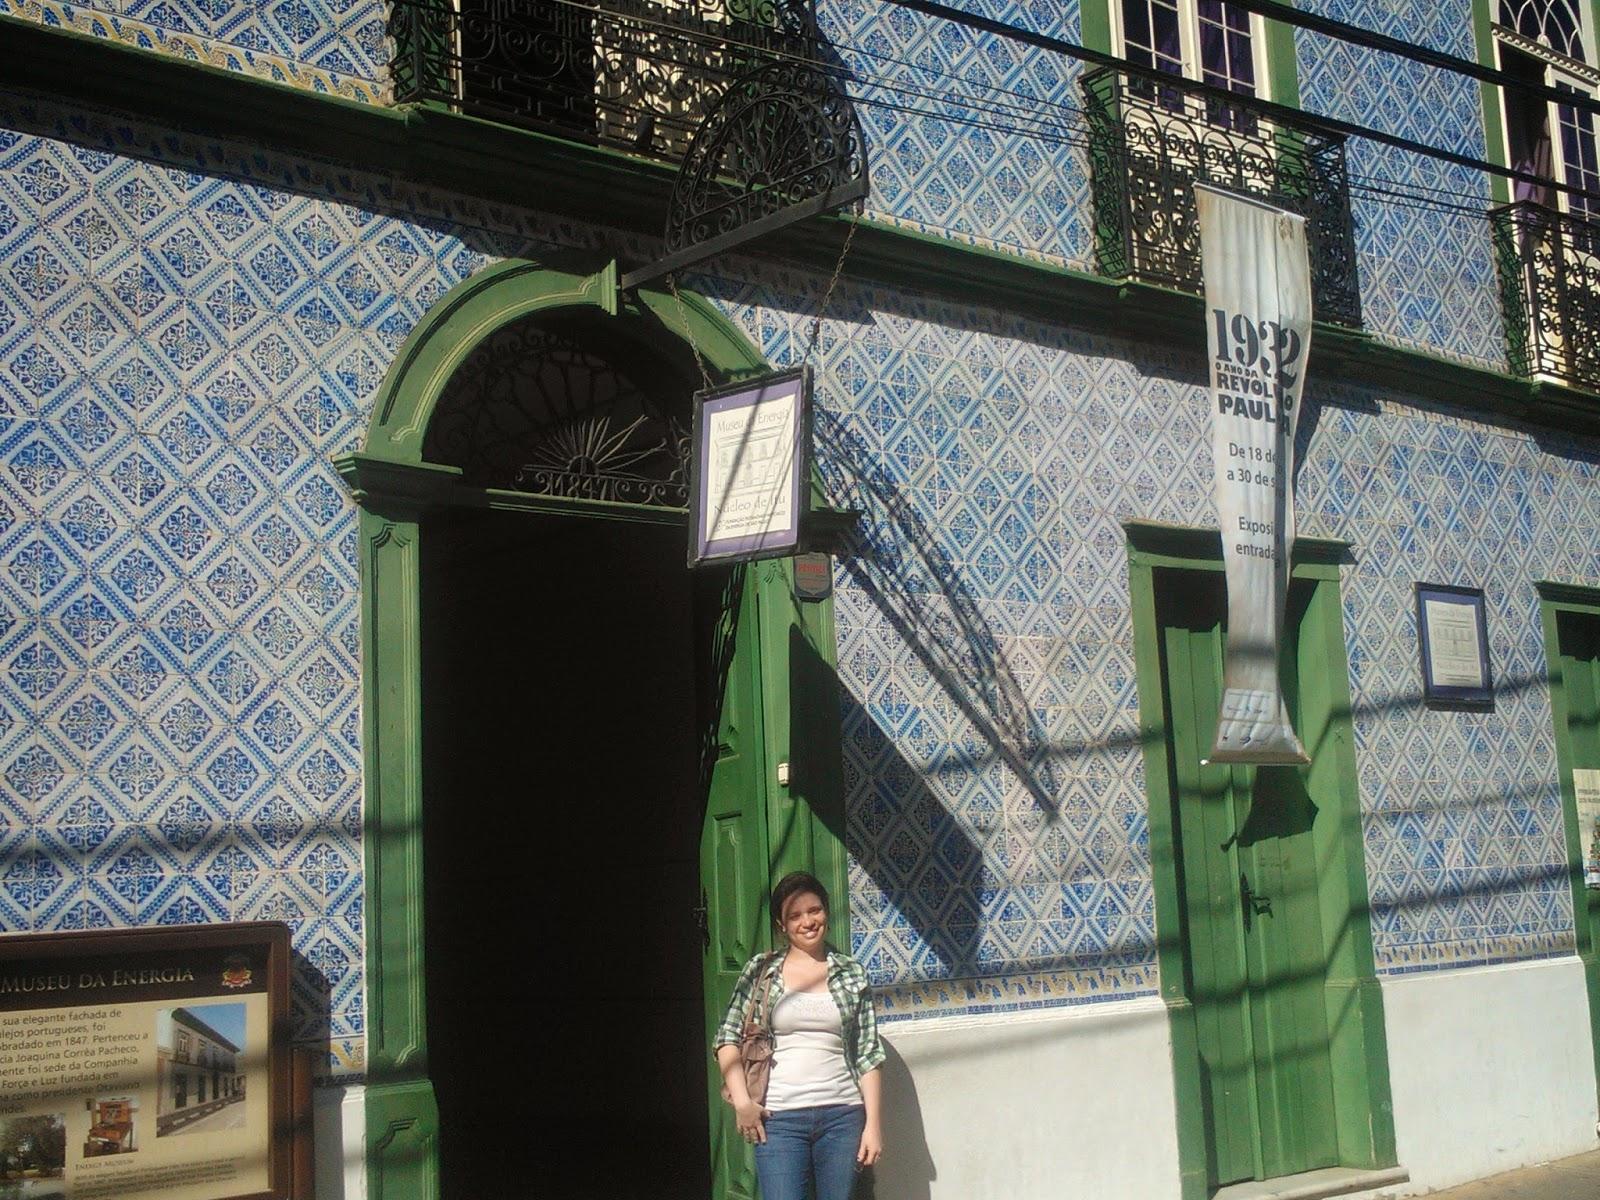 Carina Pedro na frente da faxada de azulejos do Museu da Energia, Itu-SP